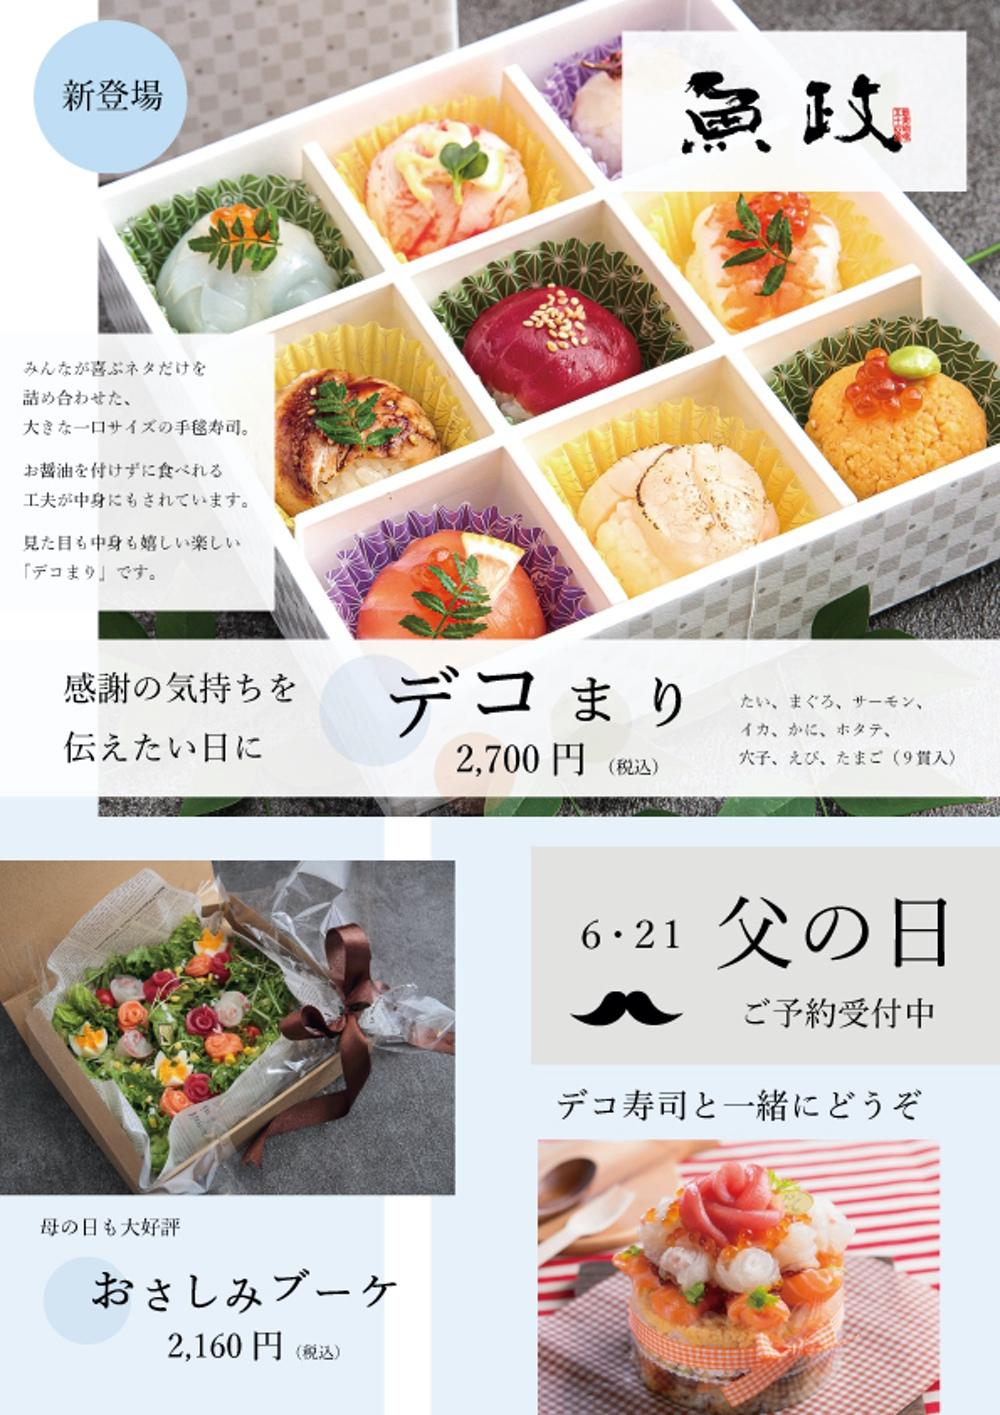 魚政 お父さんへ感謝の気持ちをお寿司で!デコまり・デコ寿司販売【父の日】